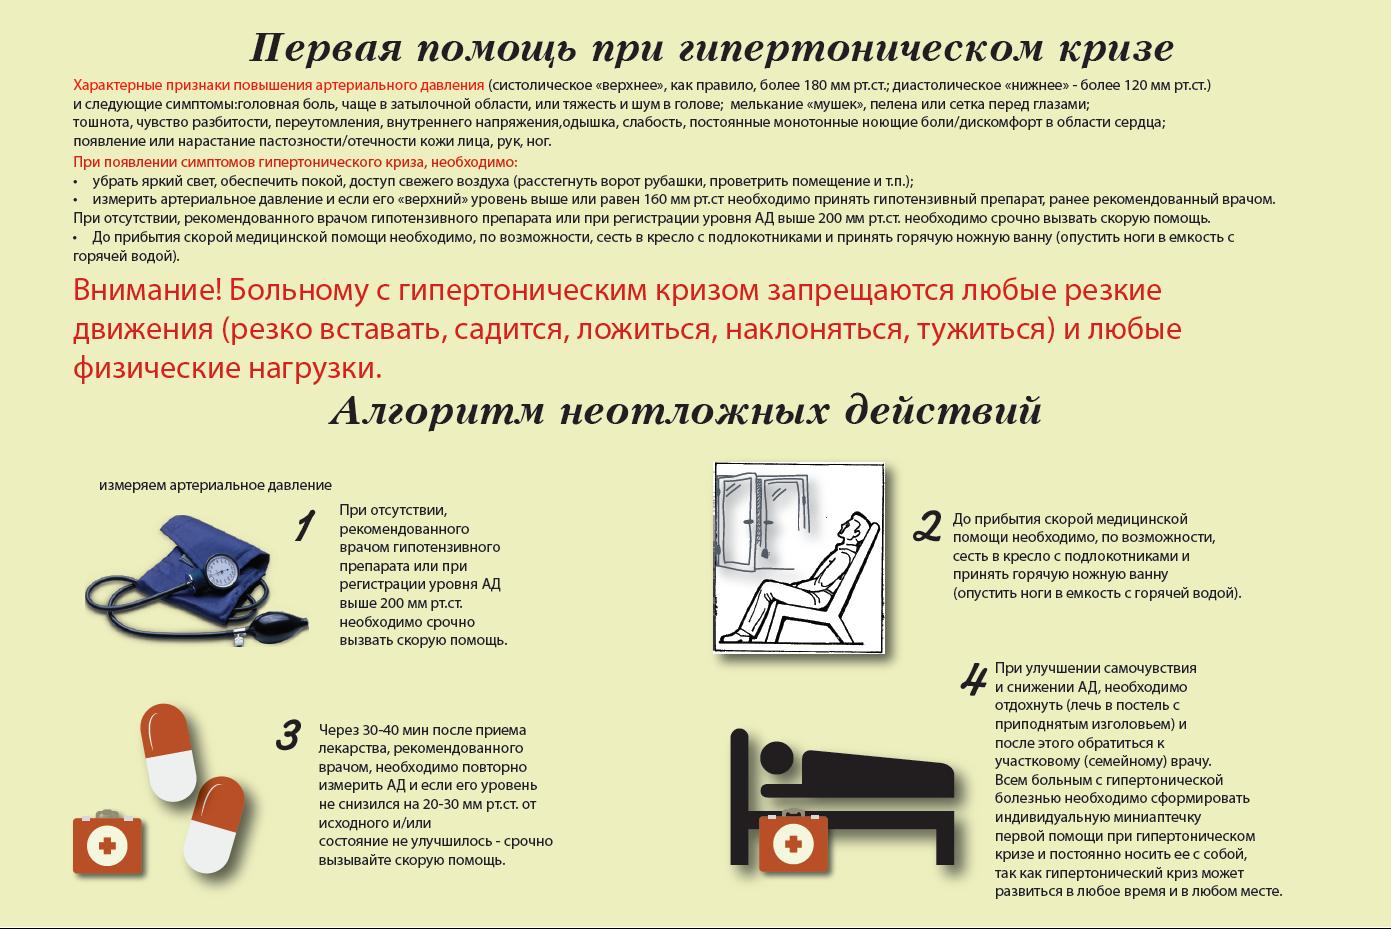 Первая доврачебная помощь при гипертоническом кризе | Медик03